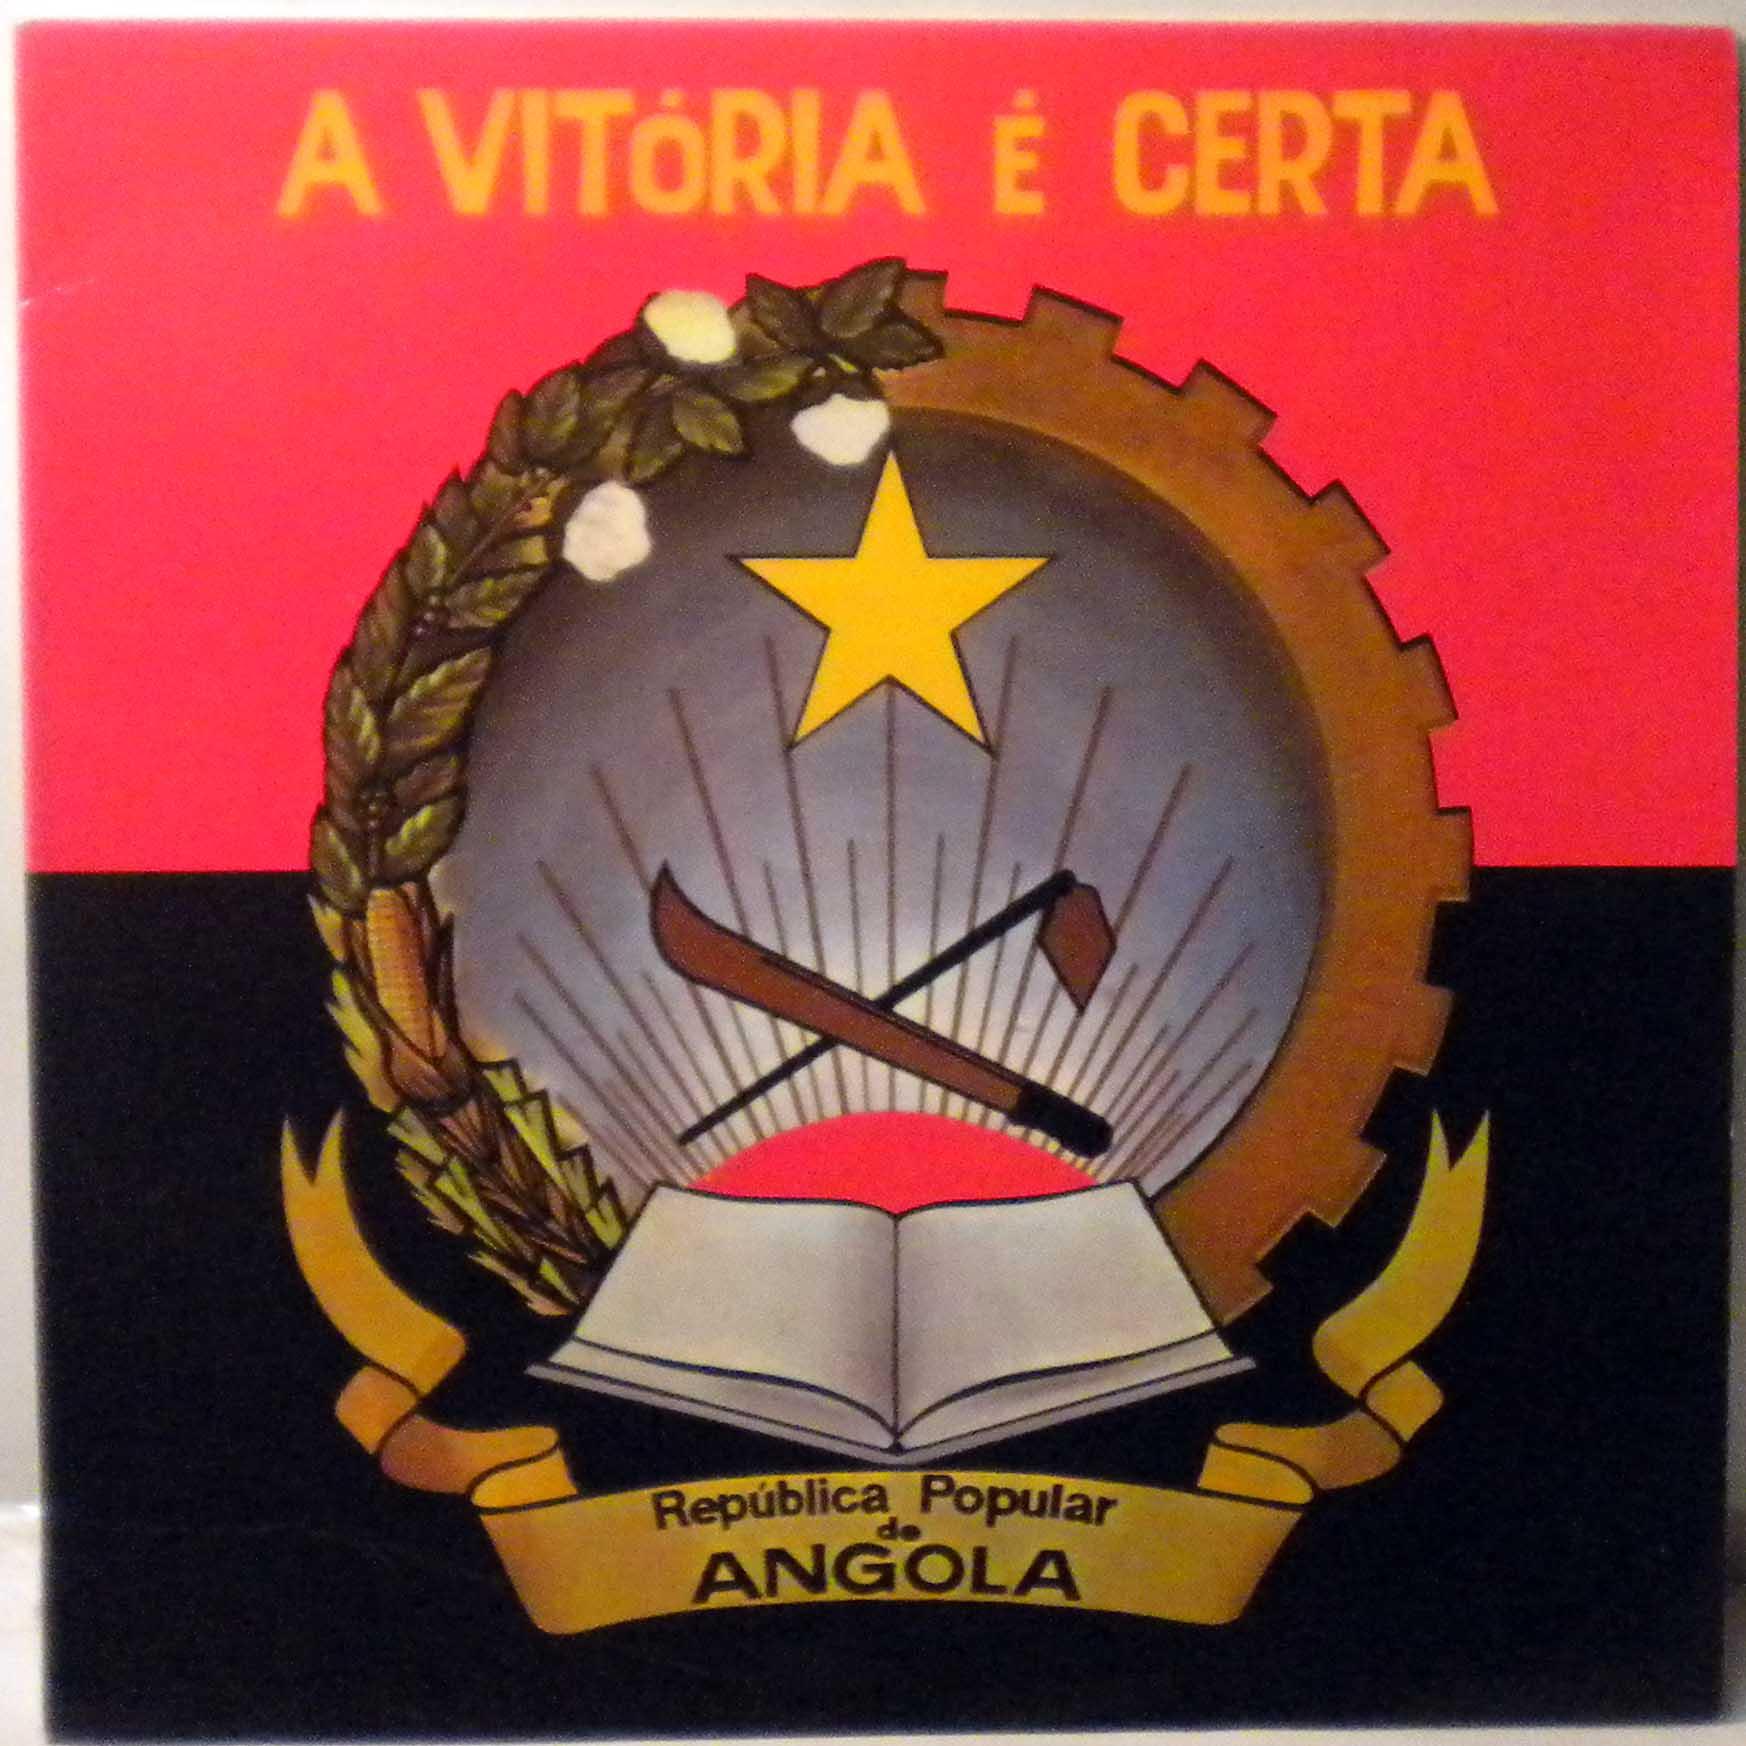 VARIOUS - A victoria e certa - LP